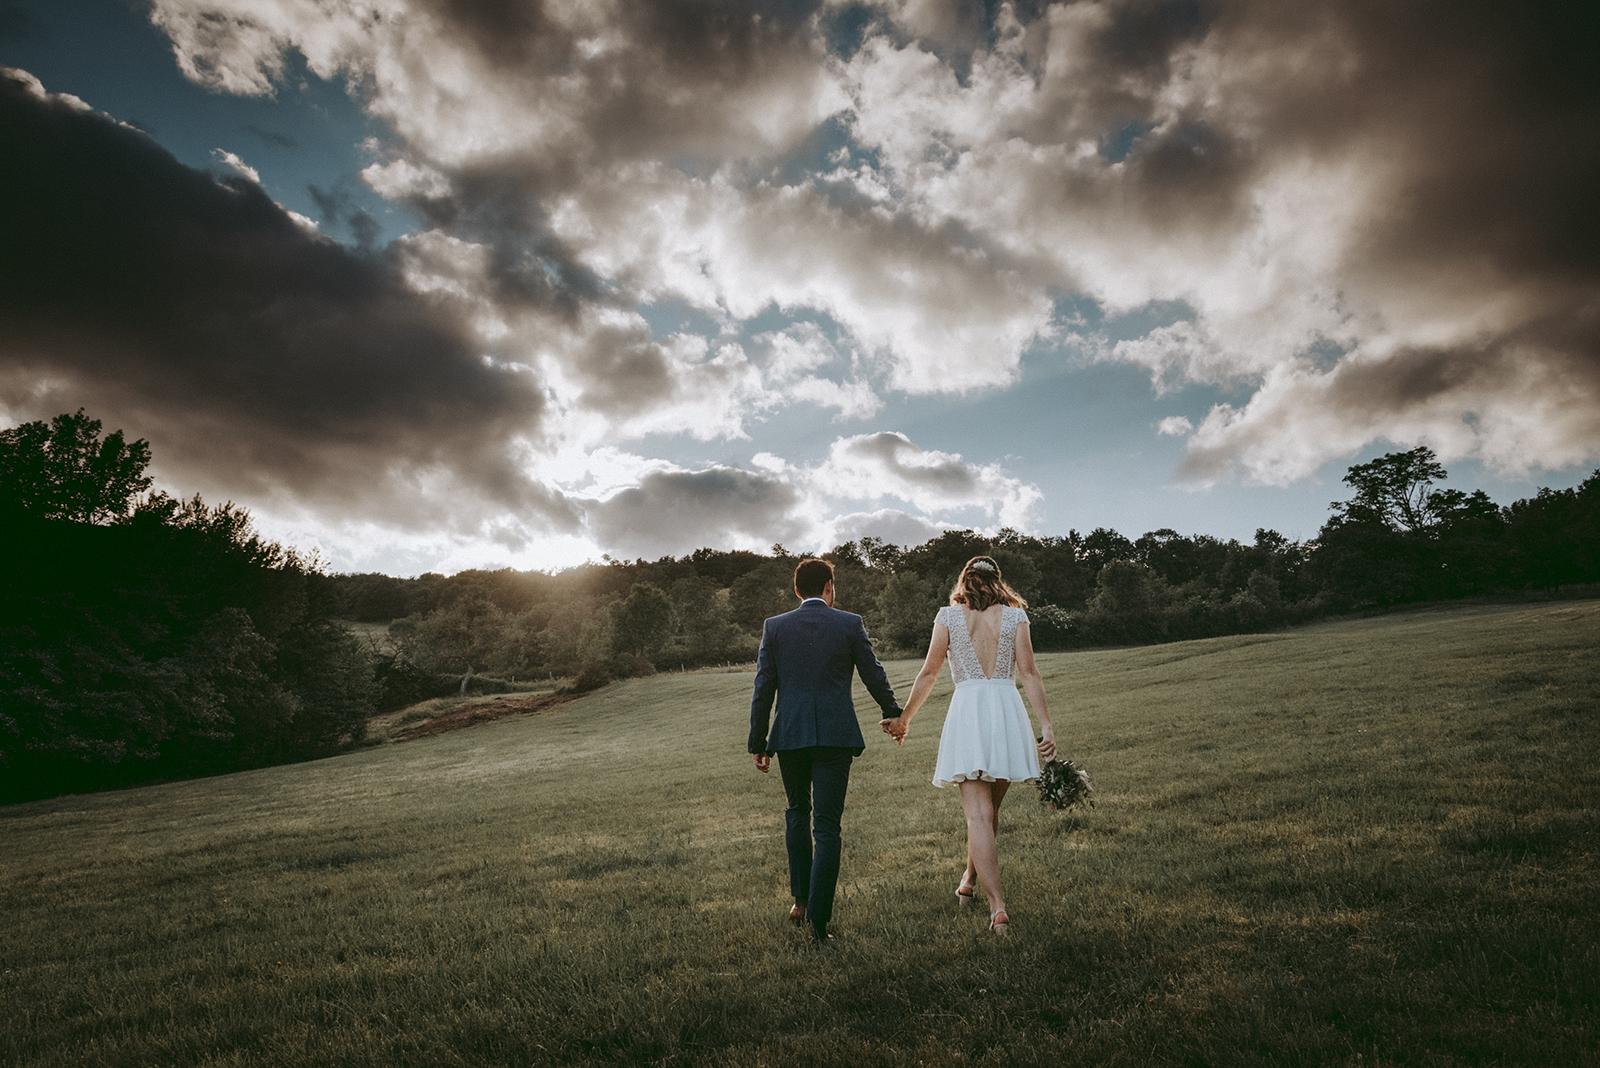 mariés qui marchent vers le ciel nuageux